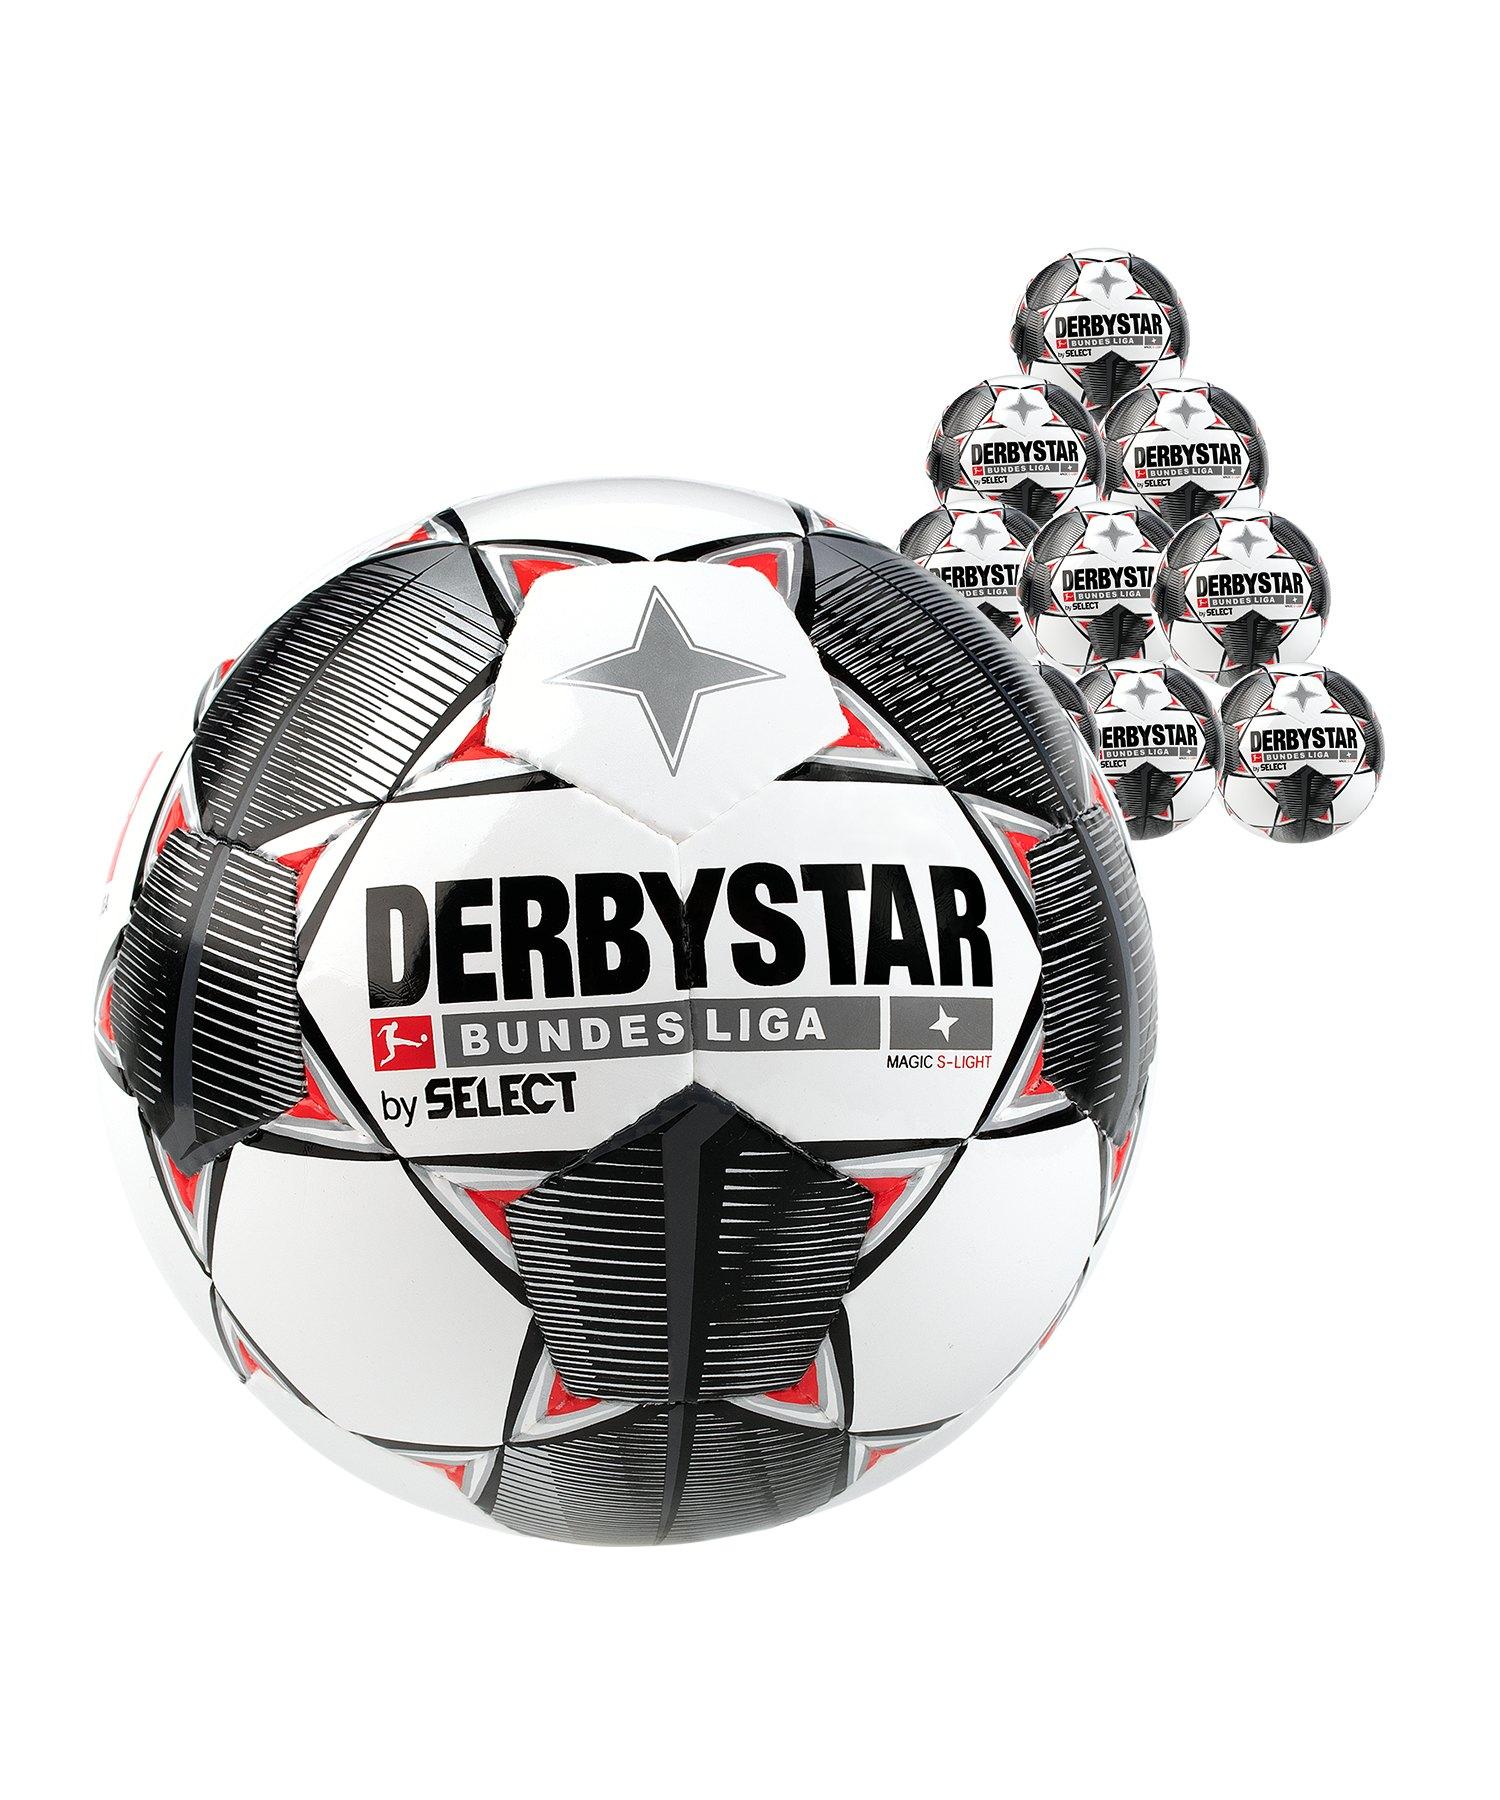 Derbystar Buli Magic S-Light 290g 50x Gr.5 Weiss F019 - weiss